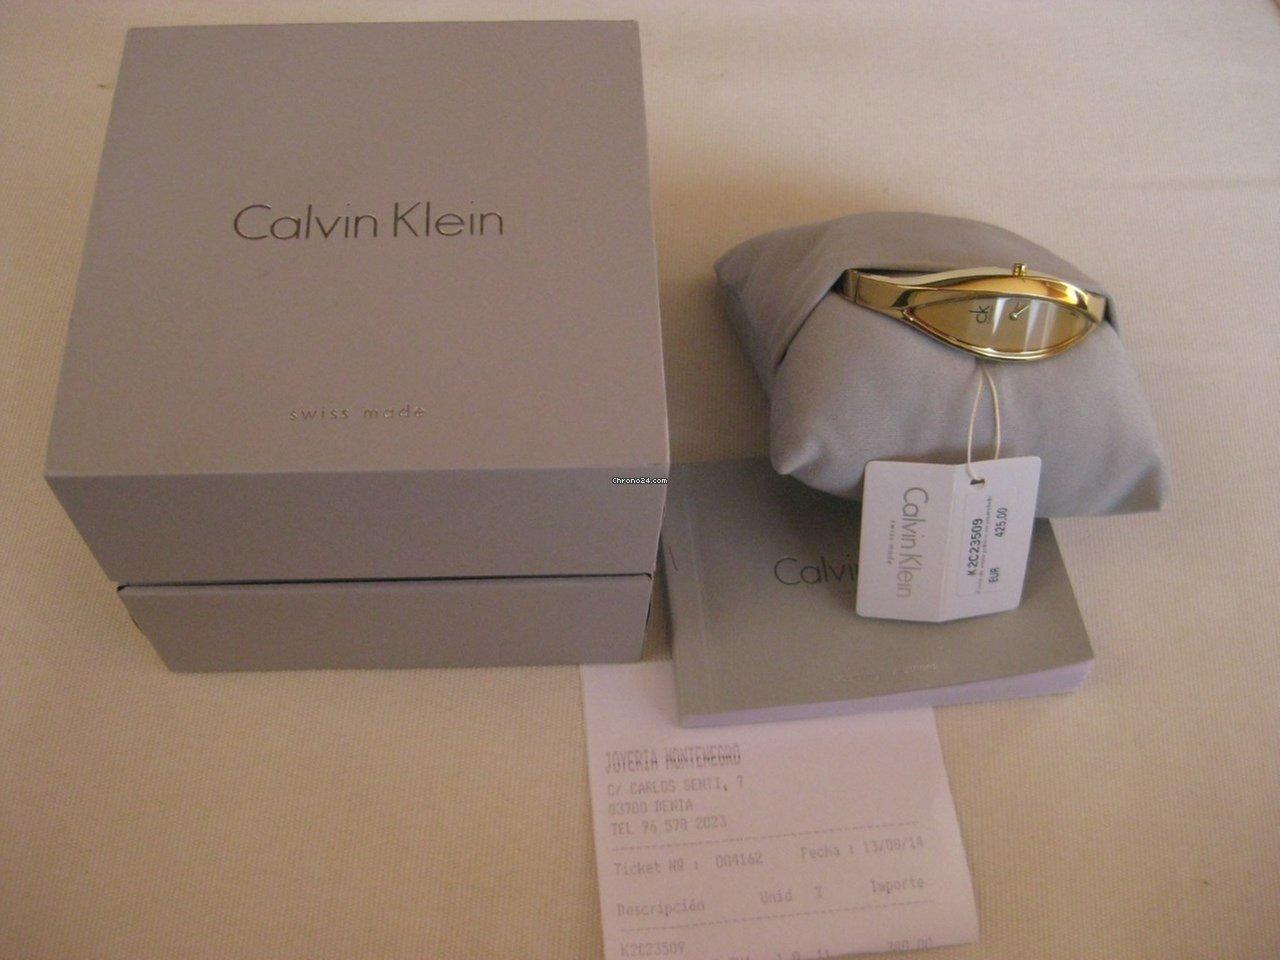 41b1bea2662e Relojes ck Calvin Klein - Precios de todos los relojes ck Calvin Klein en  Chrono24